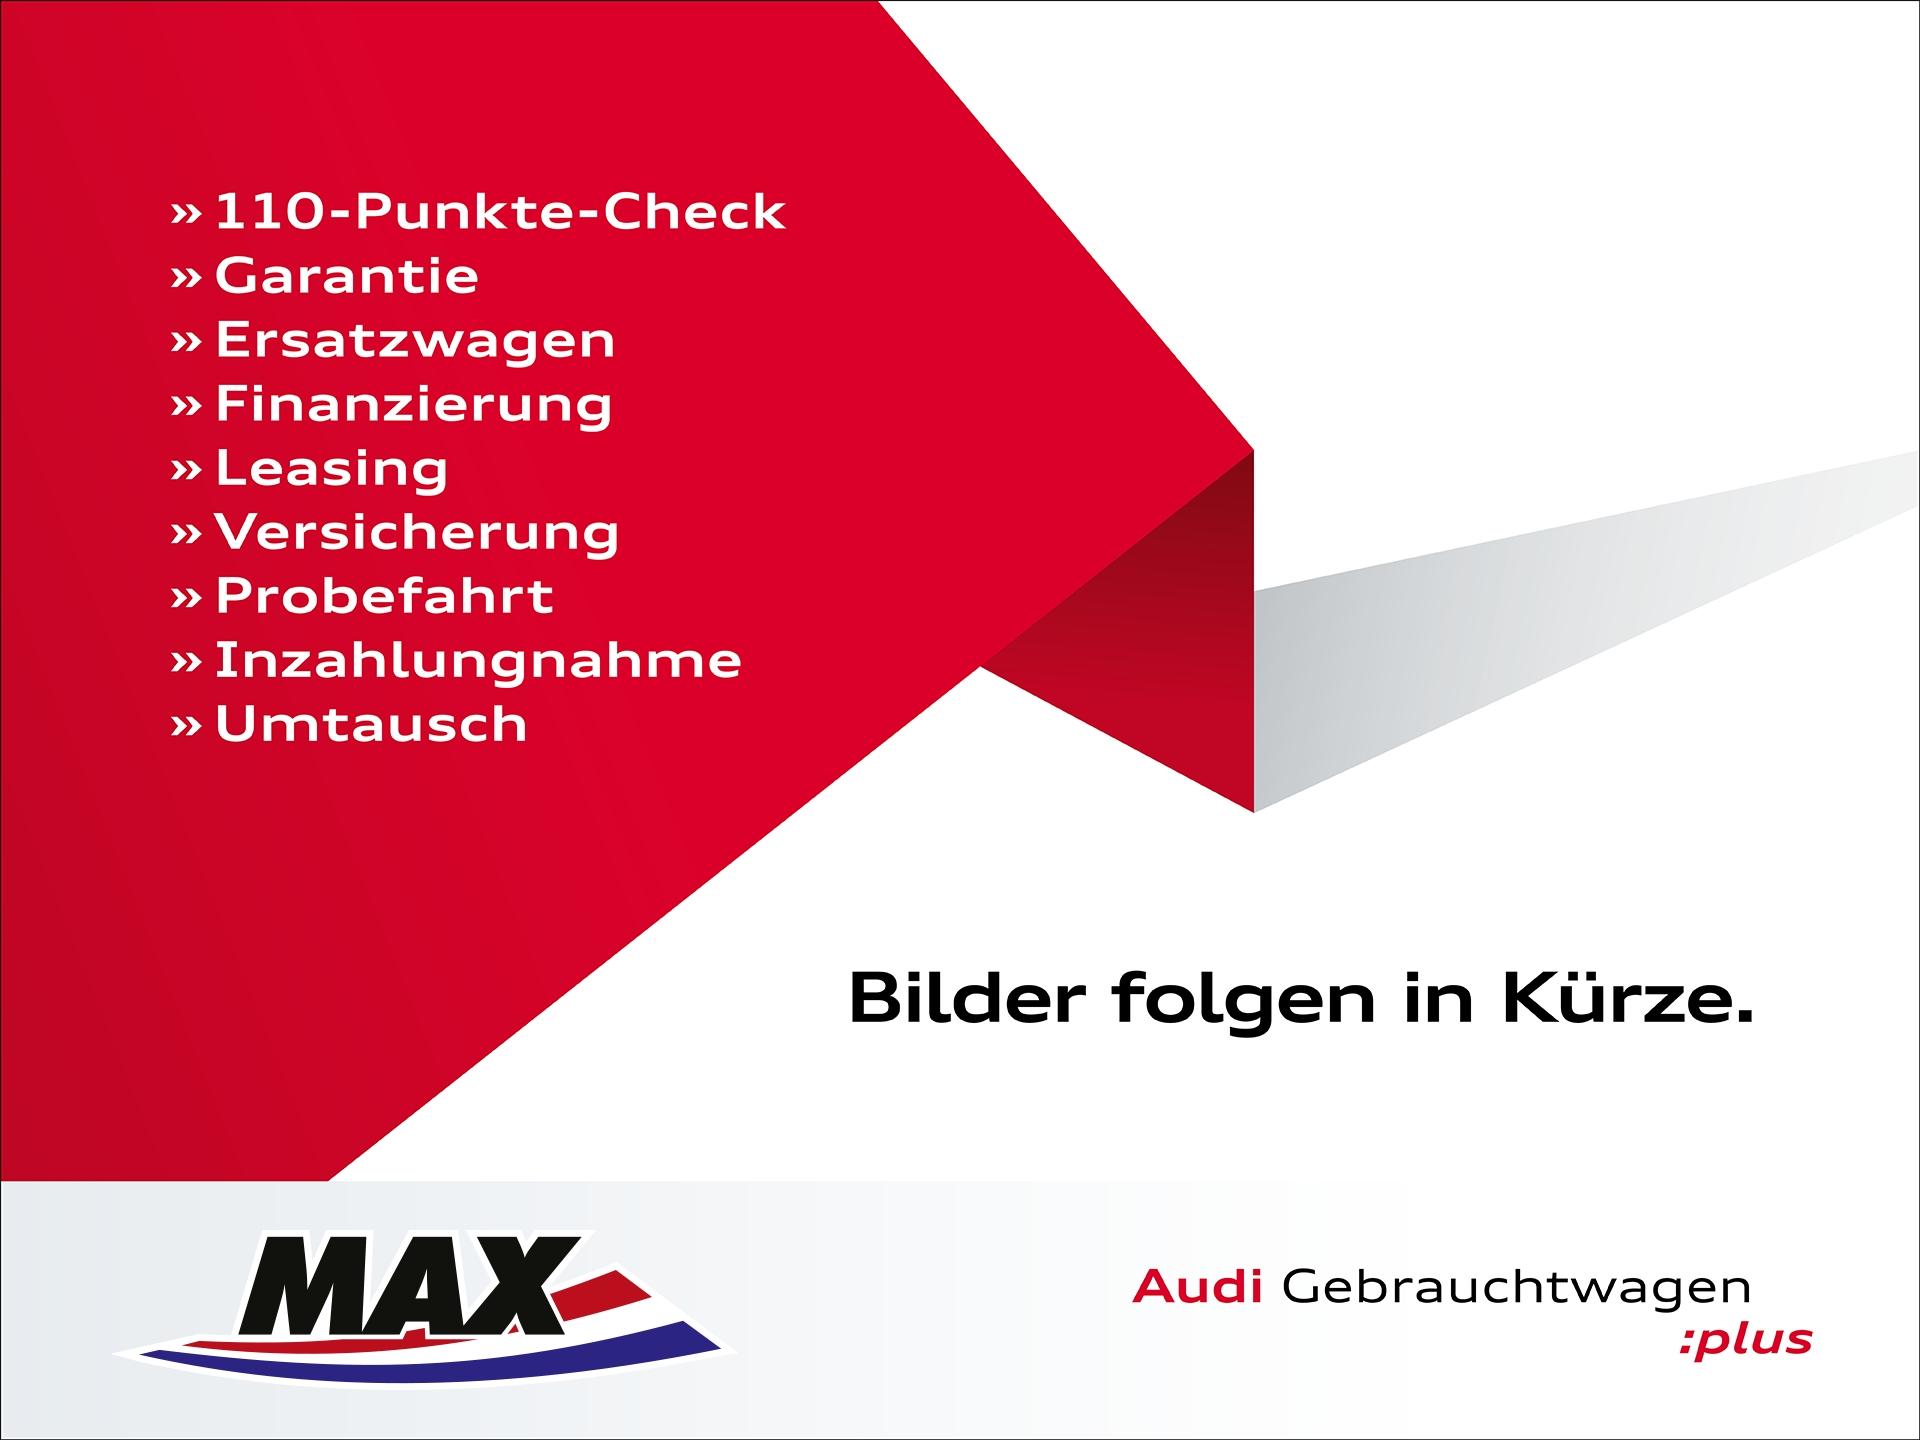 Audi e-tron 55 ADVANCED QUATTRO 5j GAR+MATRIX+PANO+VC, Jahr 2020, Elektro